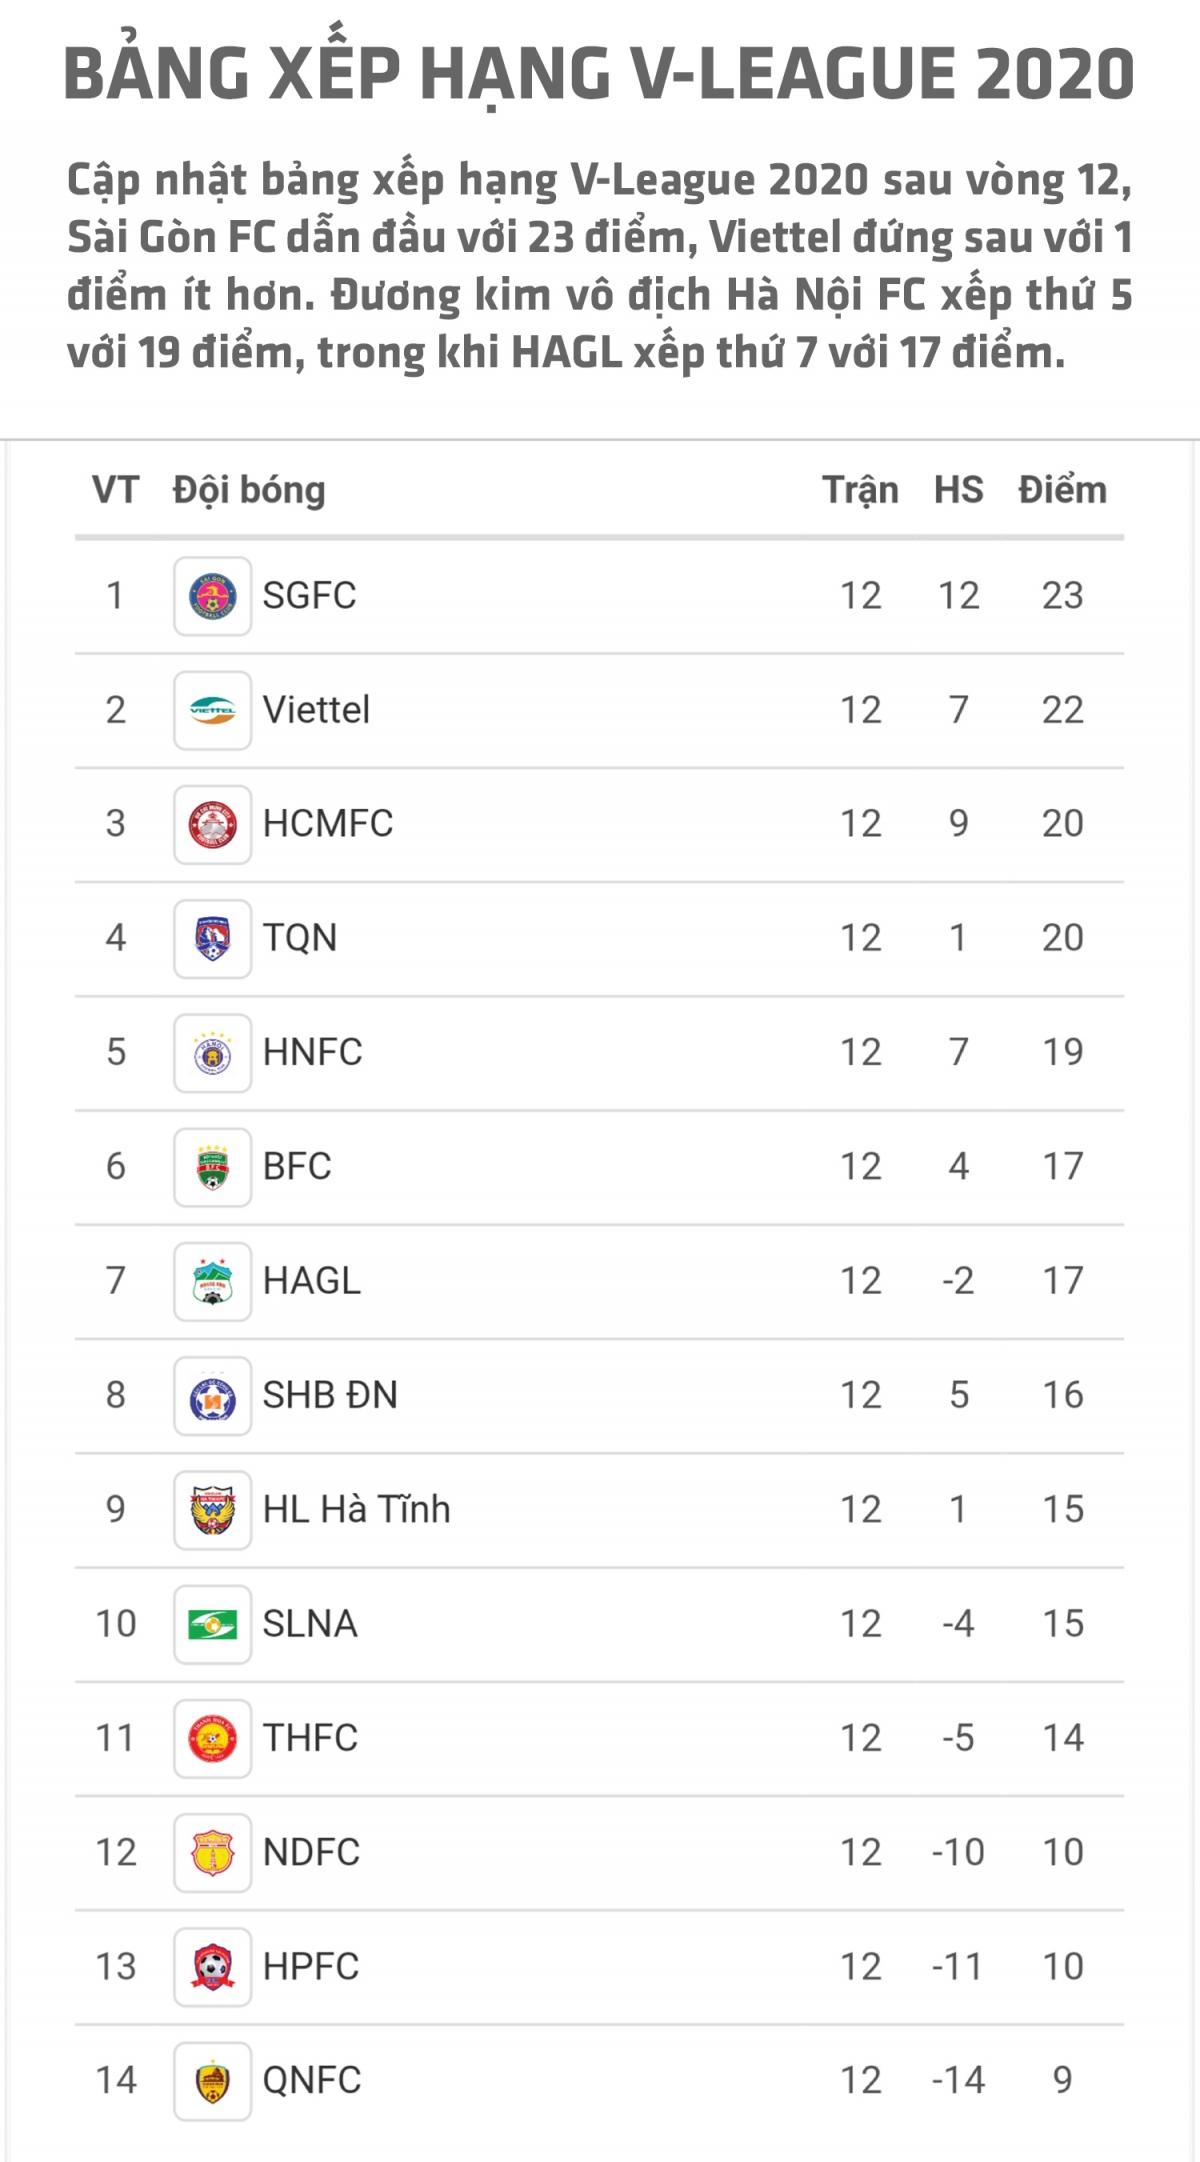 Bảng Xếp Hạng V League 2020 Sau Vong 12 Hagl Xếp Thứ 7 đai Phat Thanh Va Truyền Hinh Ninh Binh